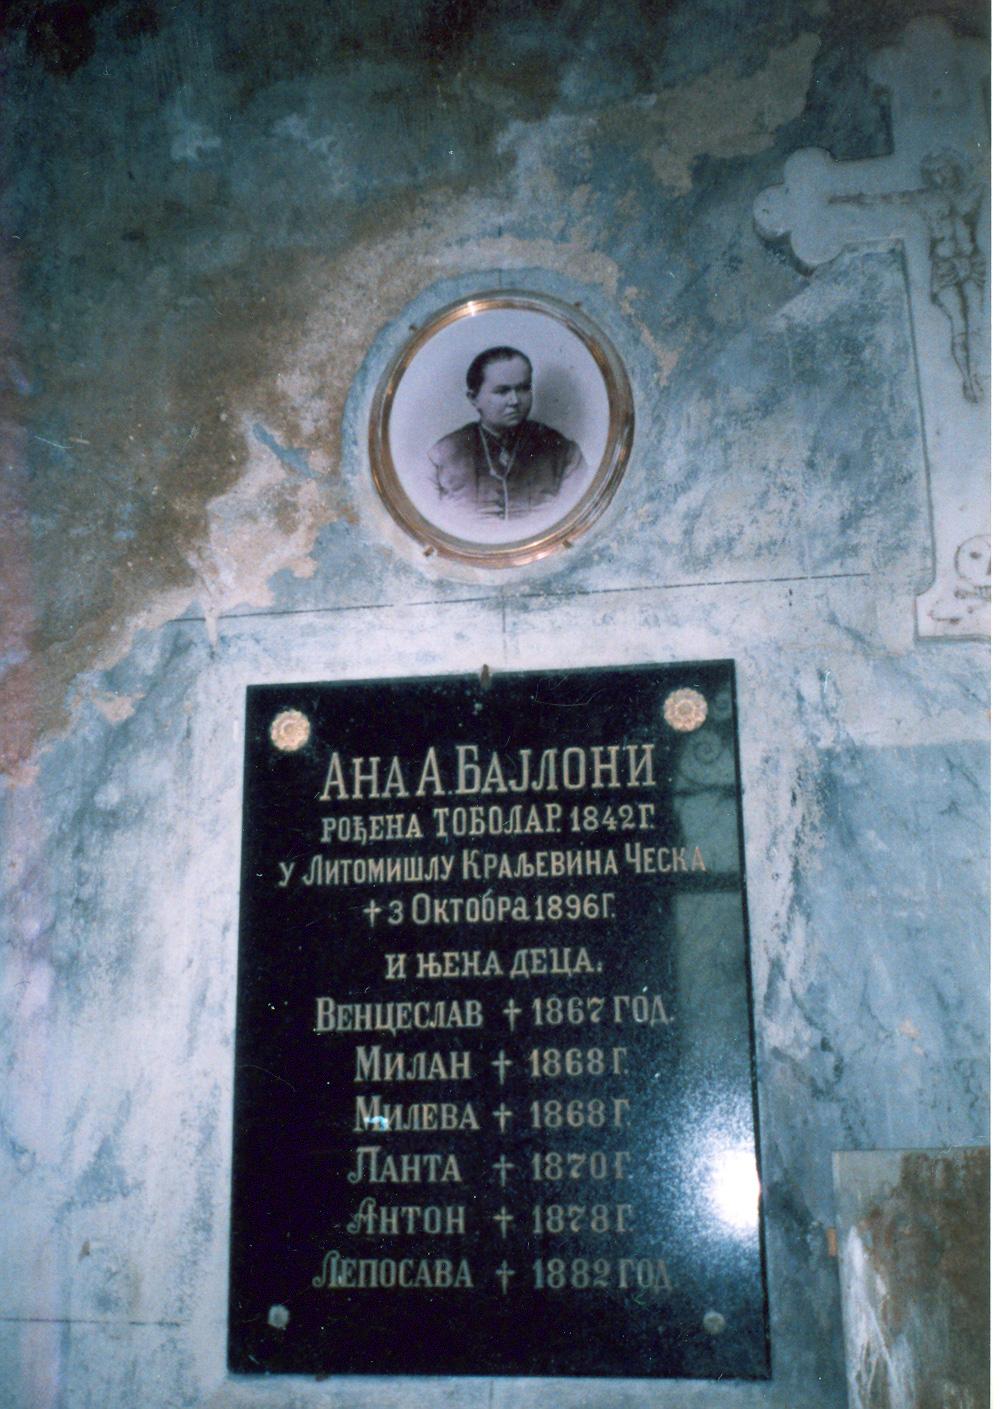 Nadgrobne ploce u grobnici Ignjata Bajlonija